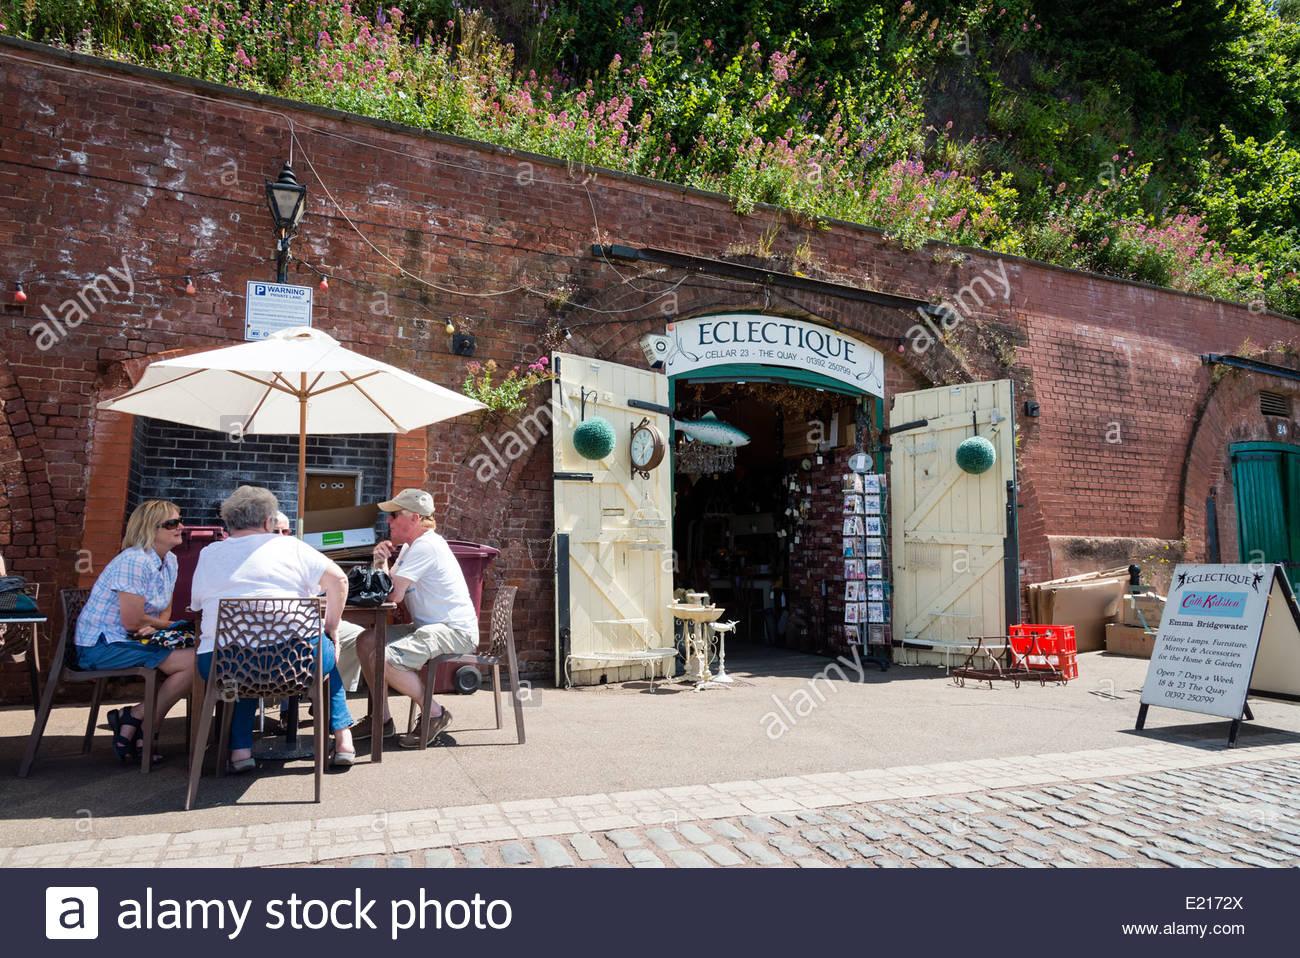 Eclectique Shop presso il molo, Exeter, Devon, Regno Unito. Immagini Stock